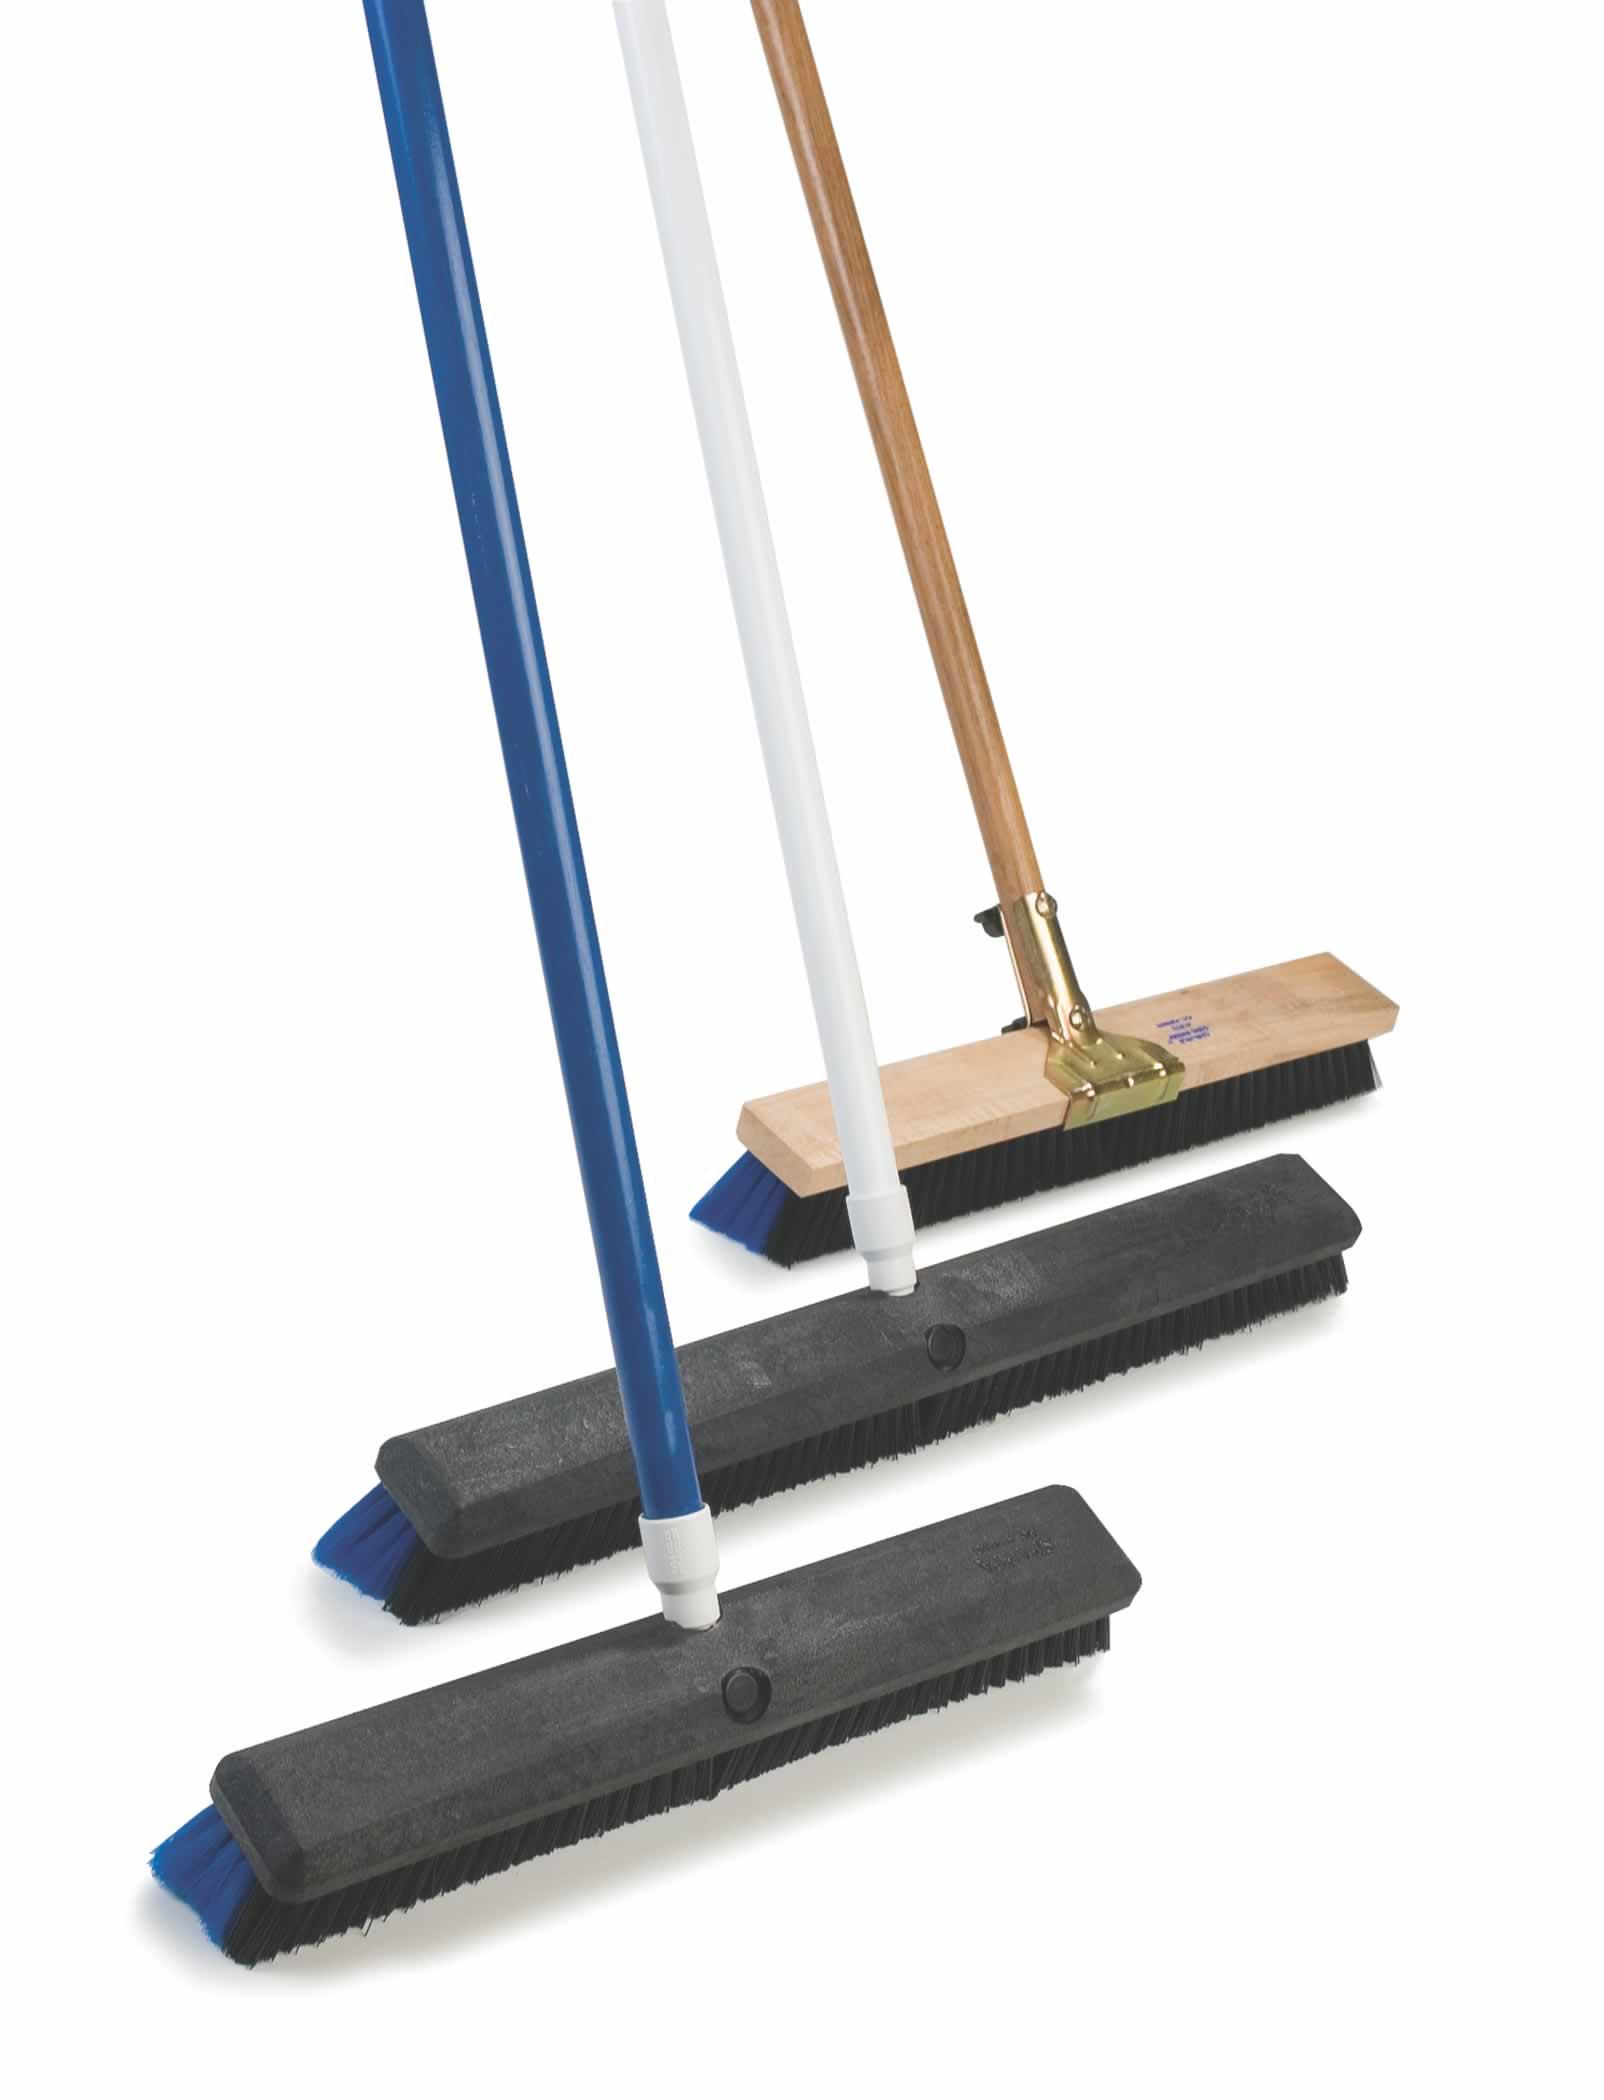 Brooms - Fulton Distributing